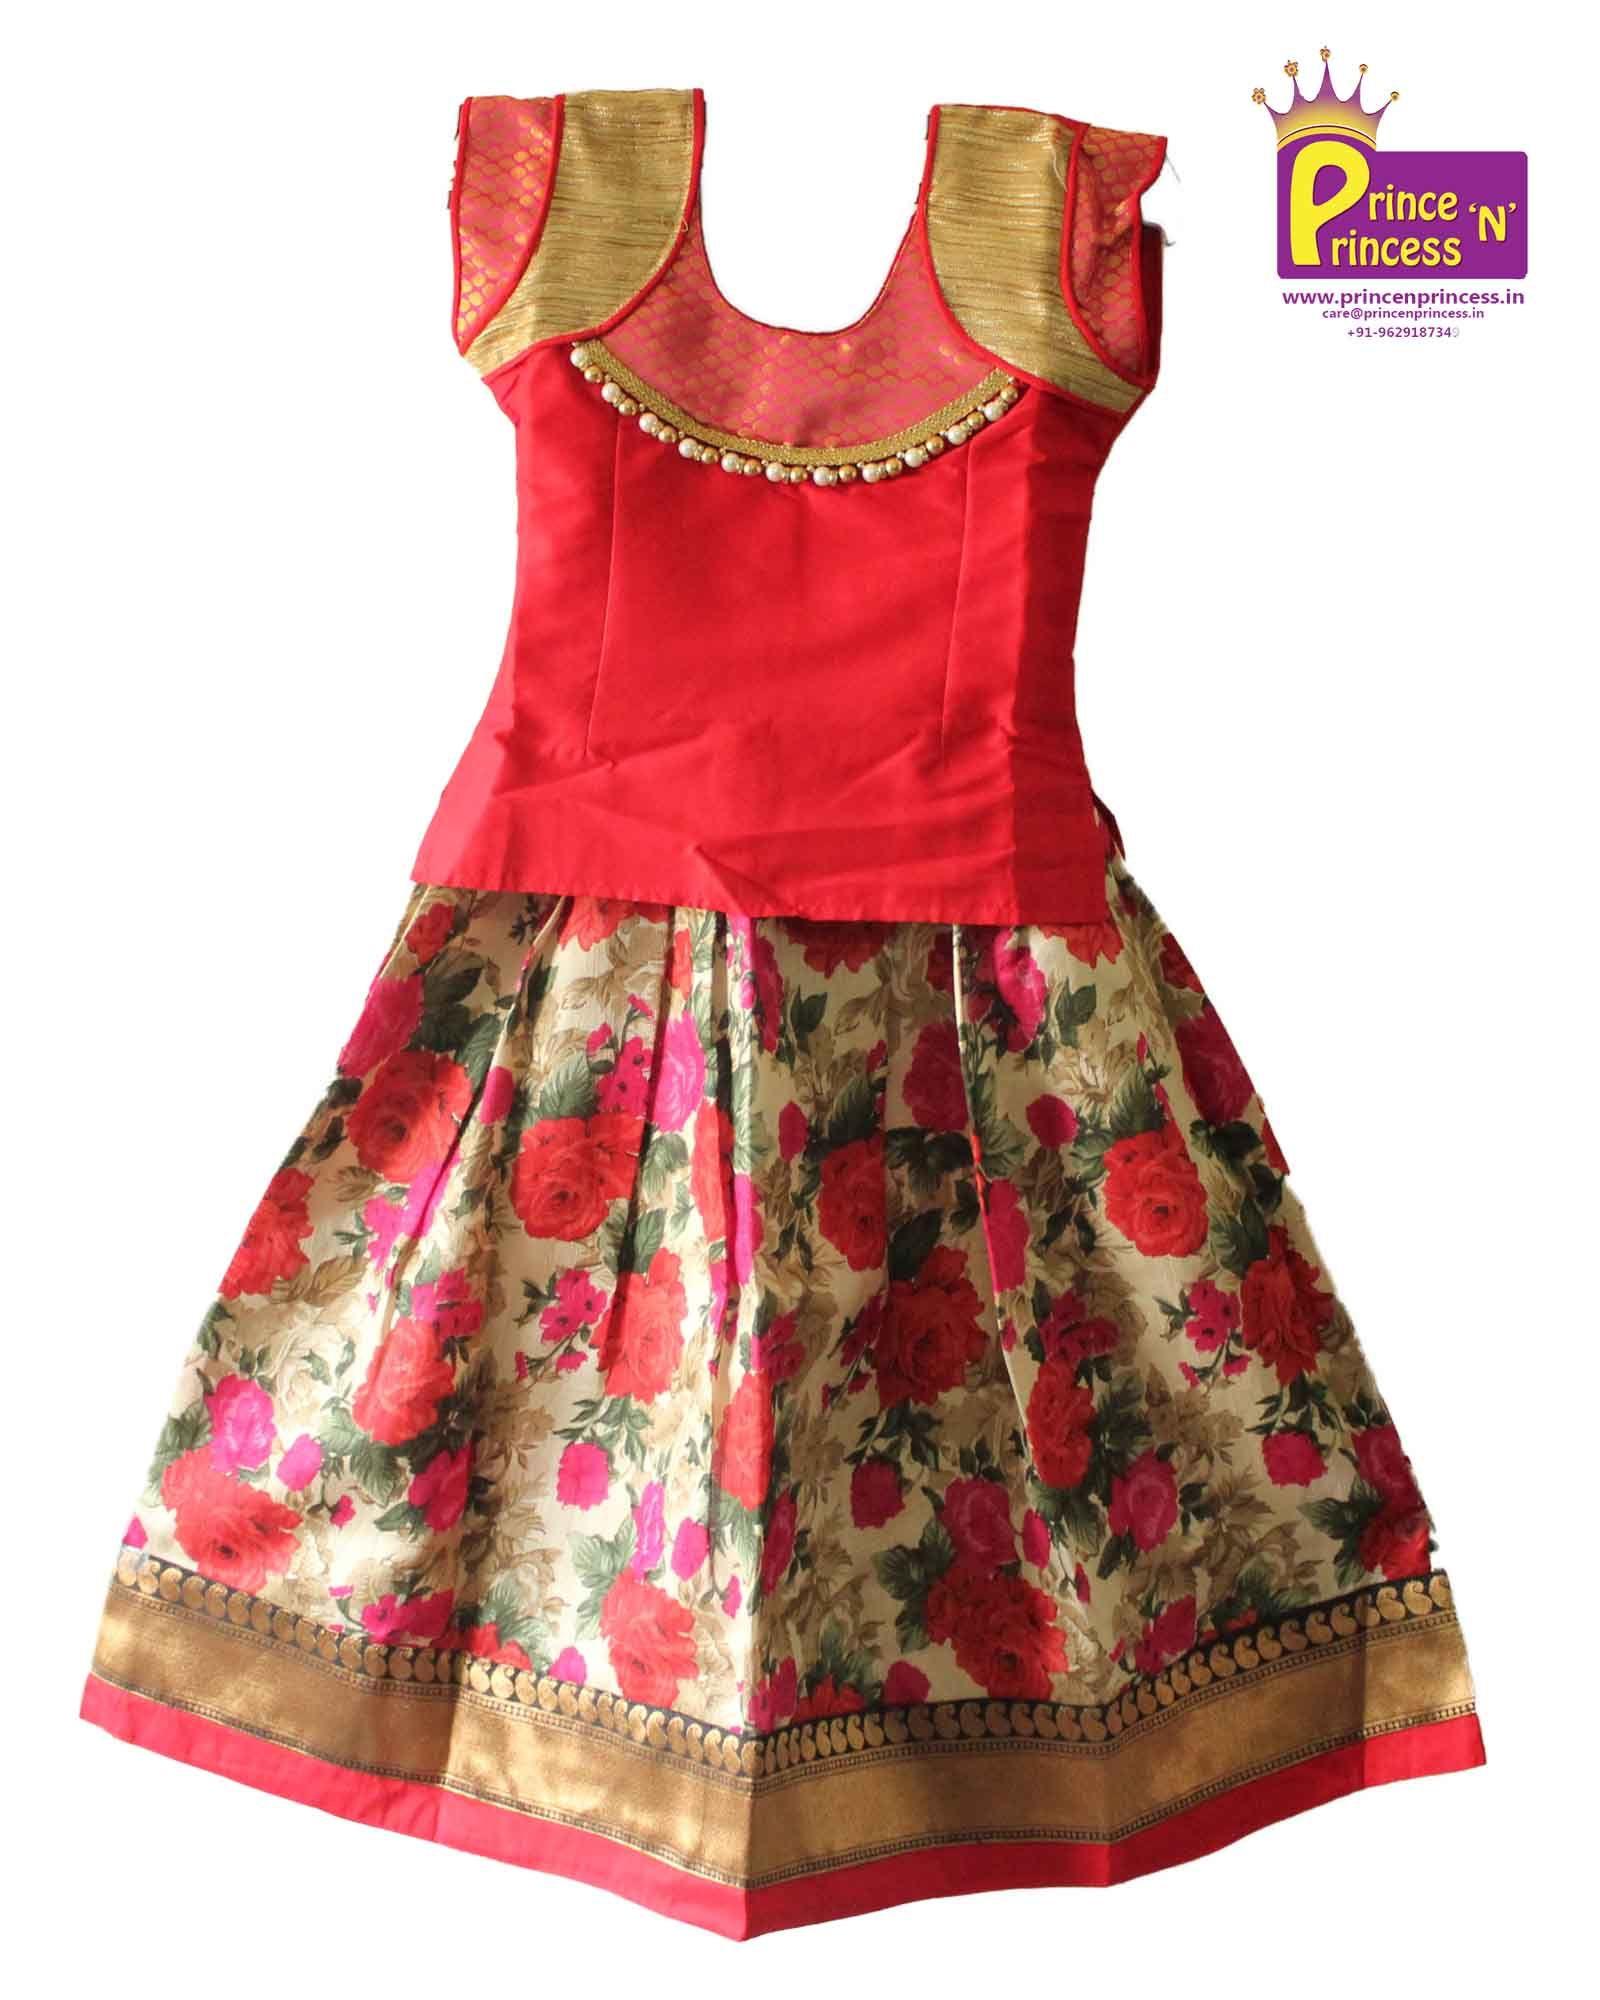 Kids Pattu Pavdai Langa For More Details Www Princenprincess In Princess Pattu Pavadai L Kids Blouse Designs Kids Designer Dresses Baby Girl Dress Patterns